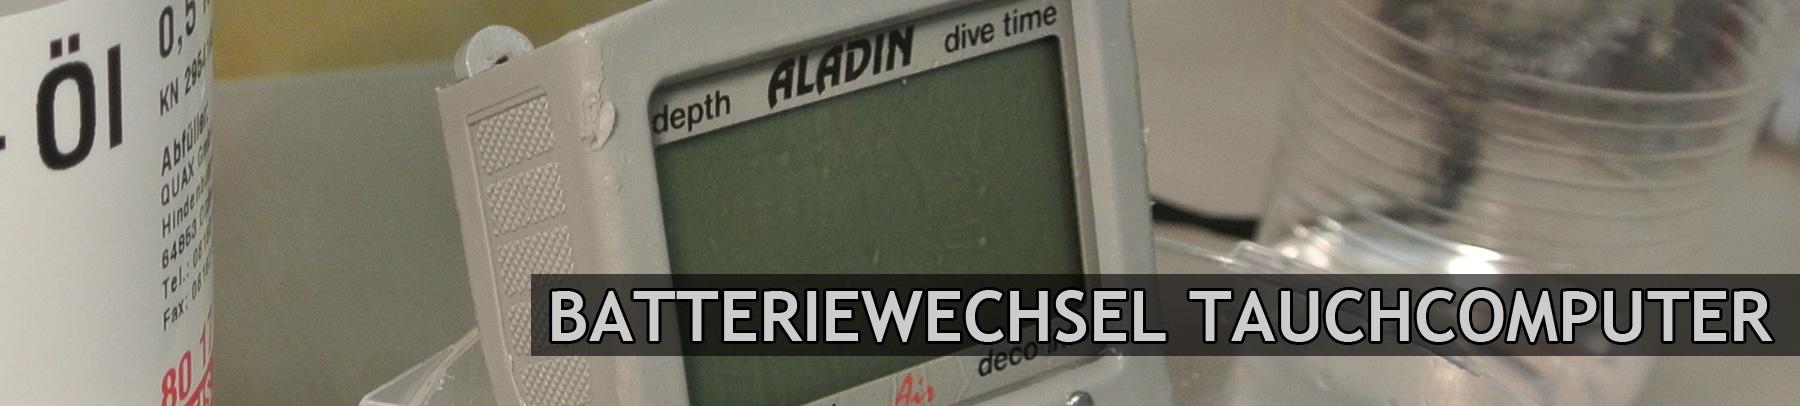 Batteriewechsel-tauchcomputer-Uwatec-Aladin-Suunto-Banner57c0999e8ec5e